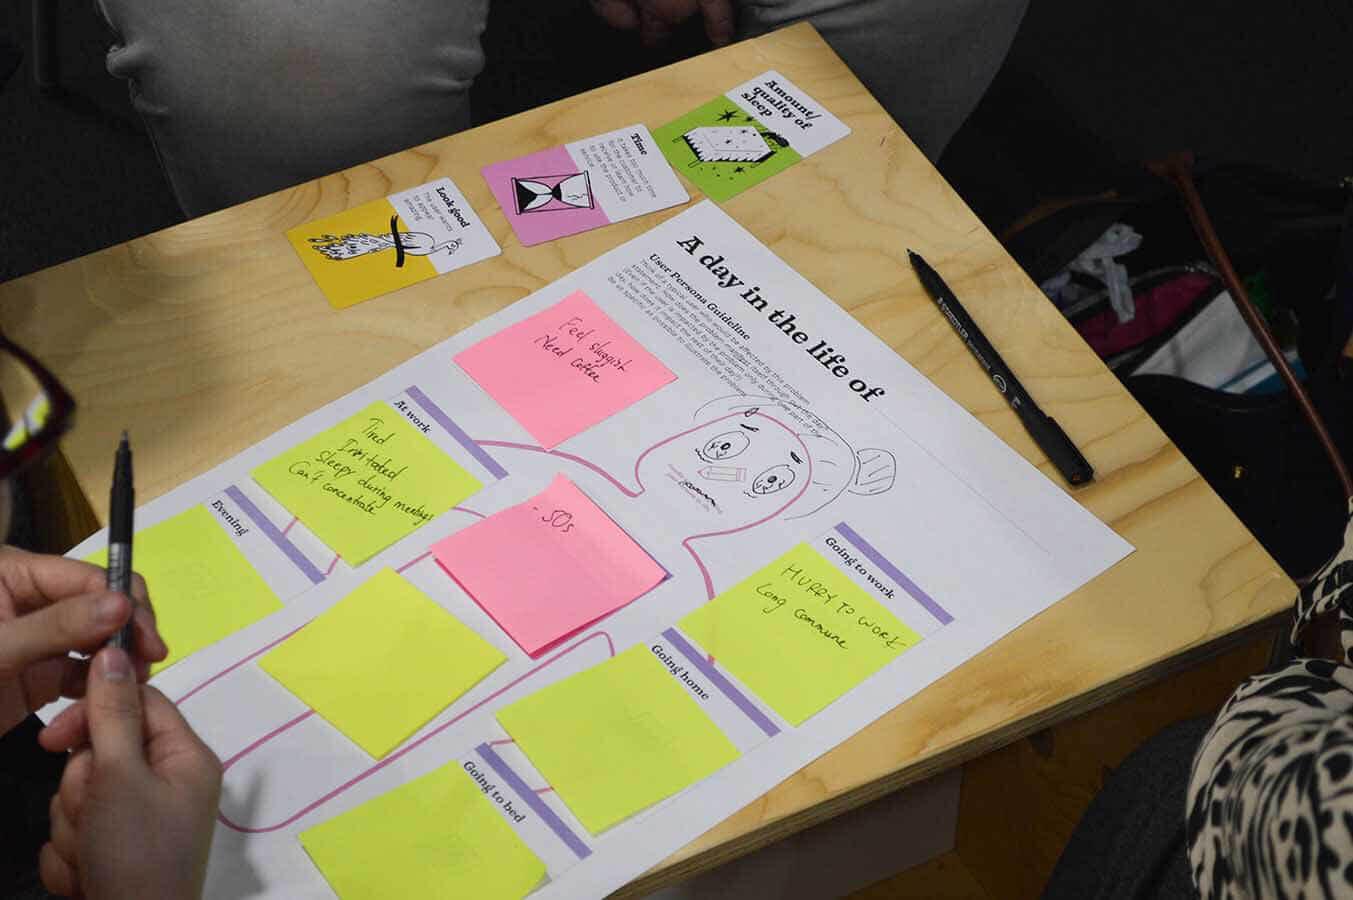 worldofinsights-SDN_DesignThinking_event-5